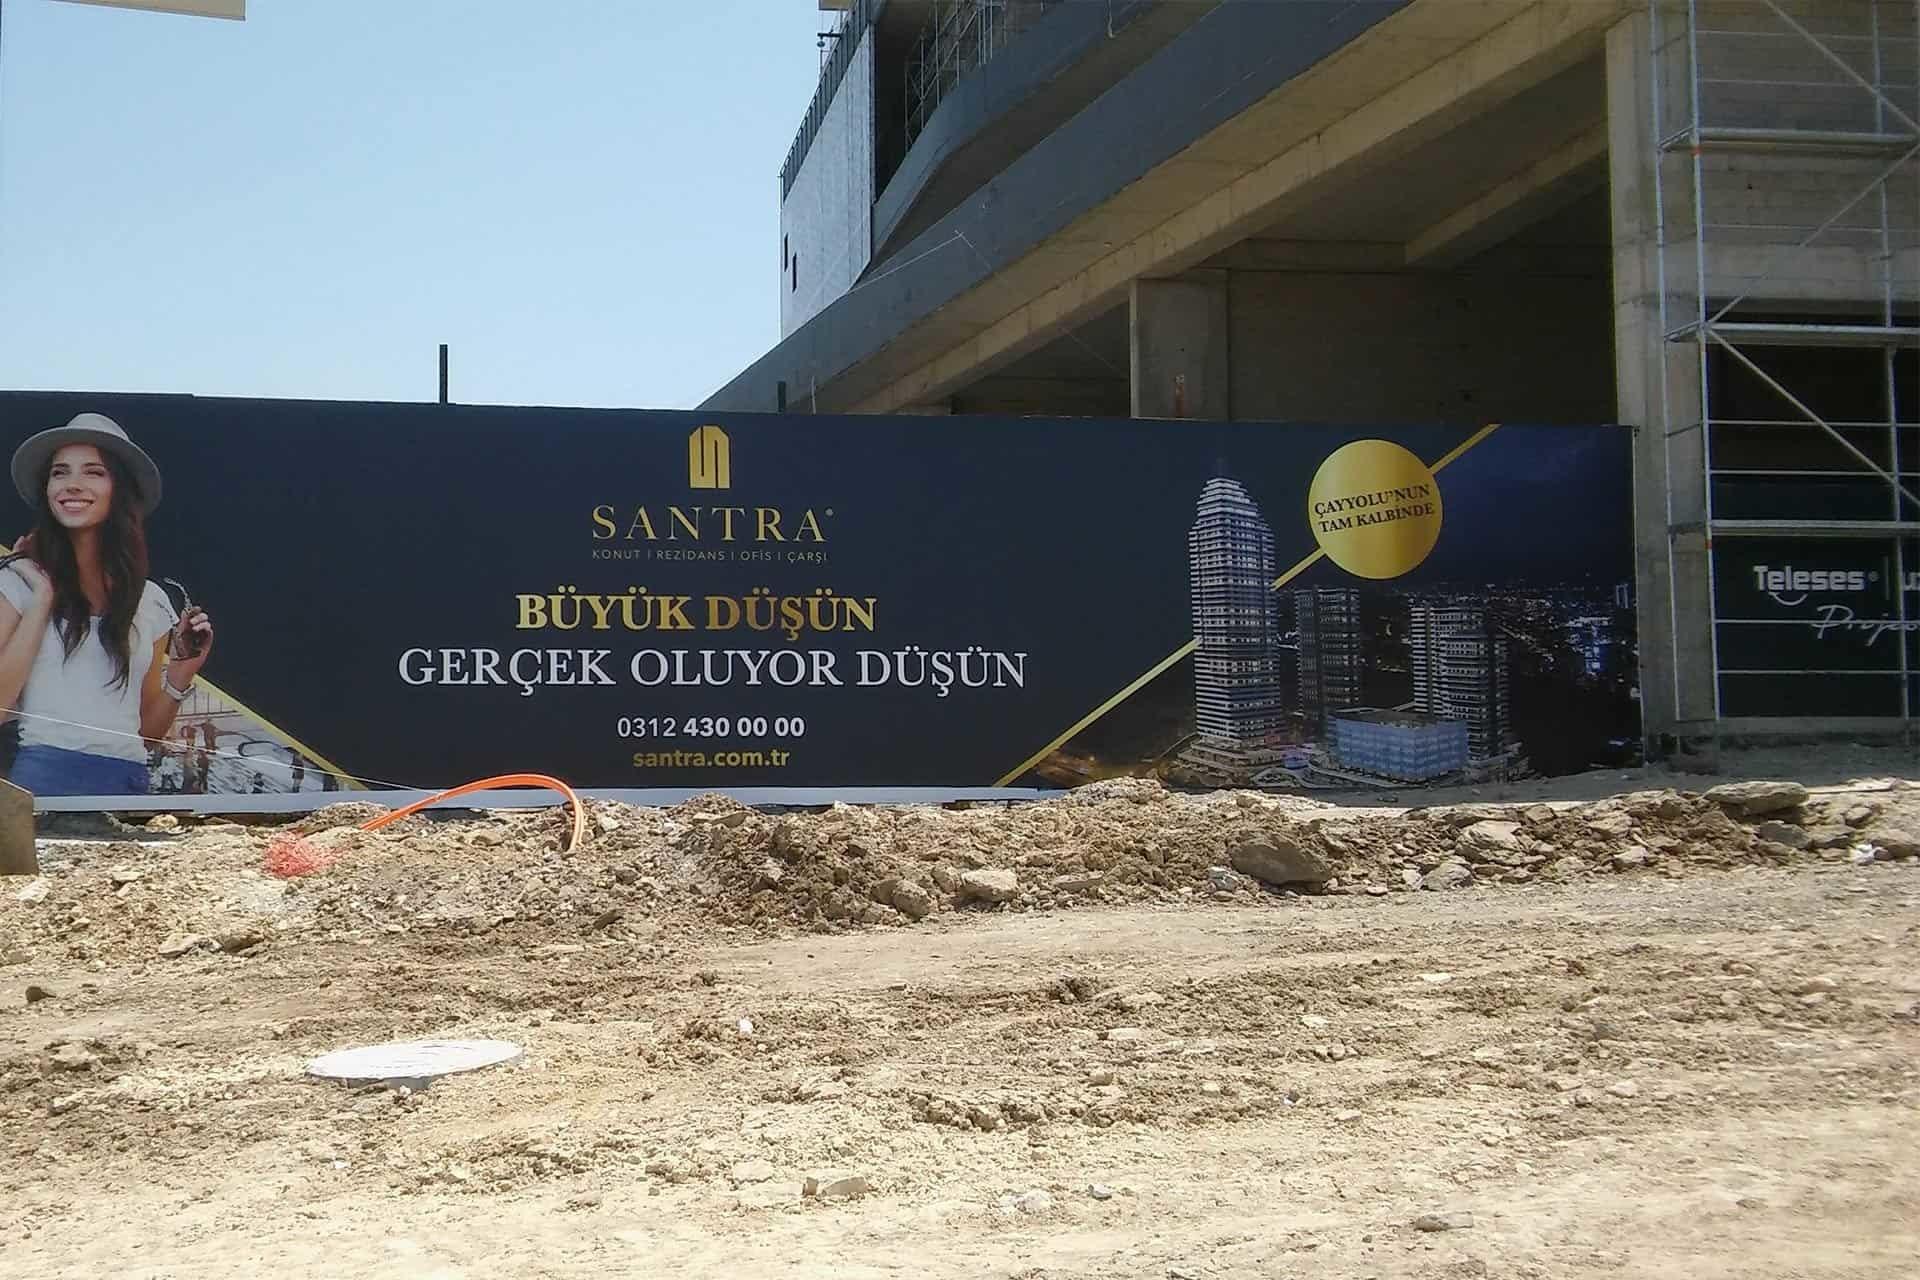 santra konut rezidans ofis insaat reklam duvar baskilari8 - Santra Konut Rezidans İnşaat Duvar Reklam Baskıları